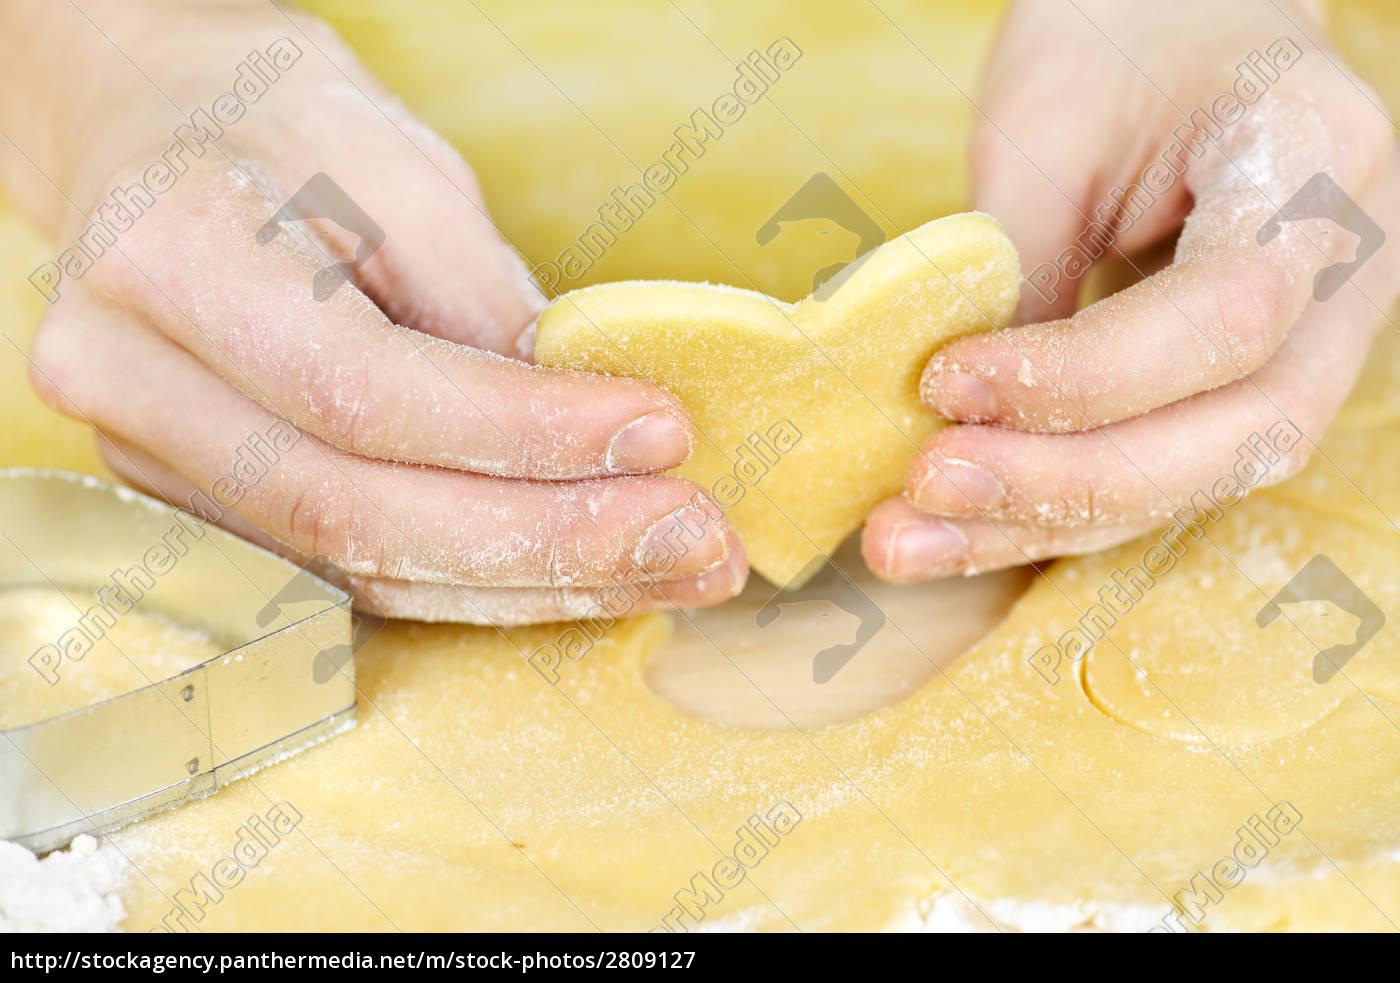 making, shortbread, cookies - 2809127